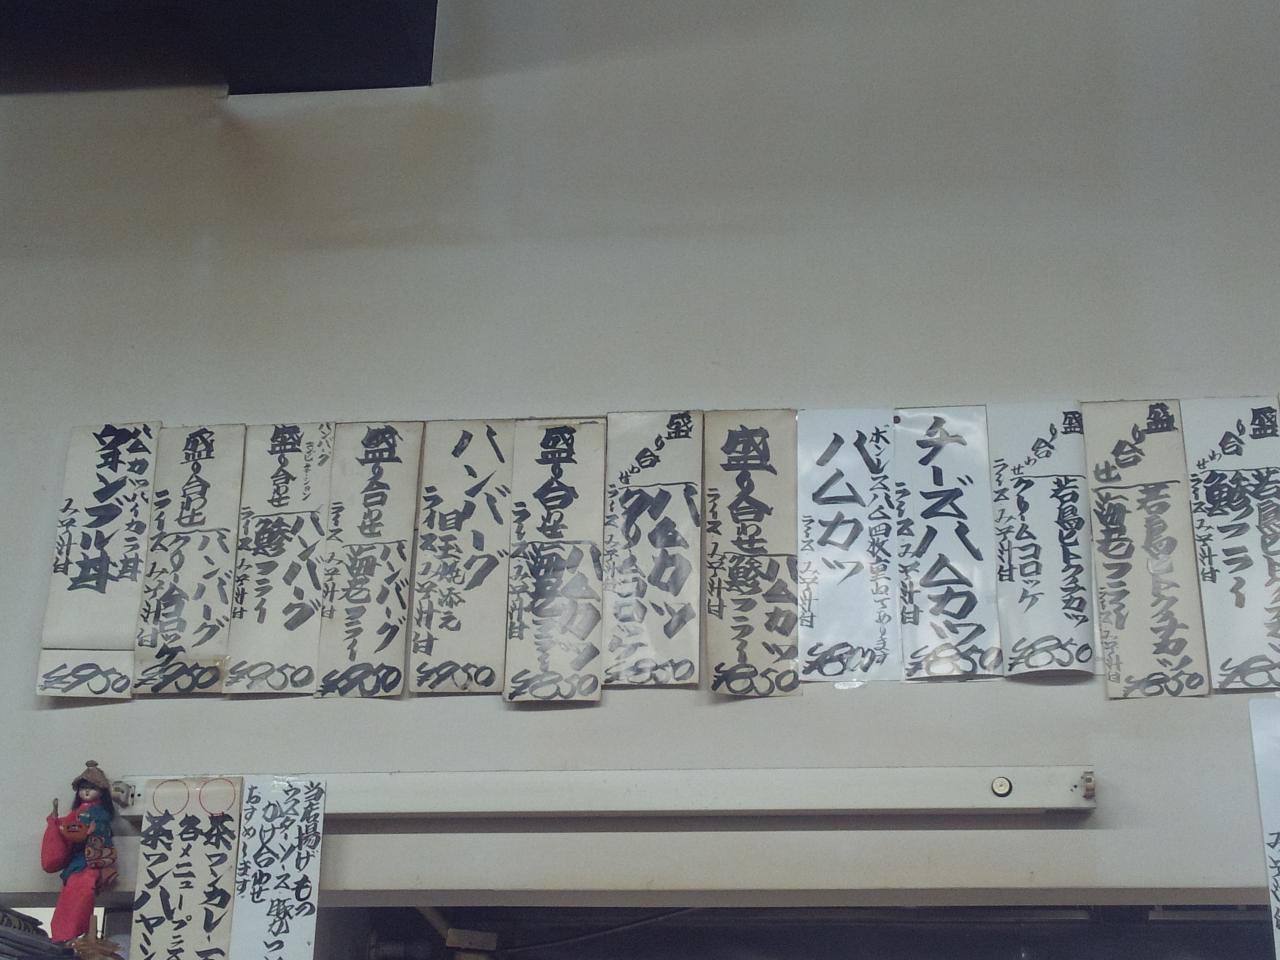 下町洋食キッチントキワ(メニュー)